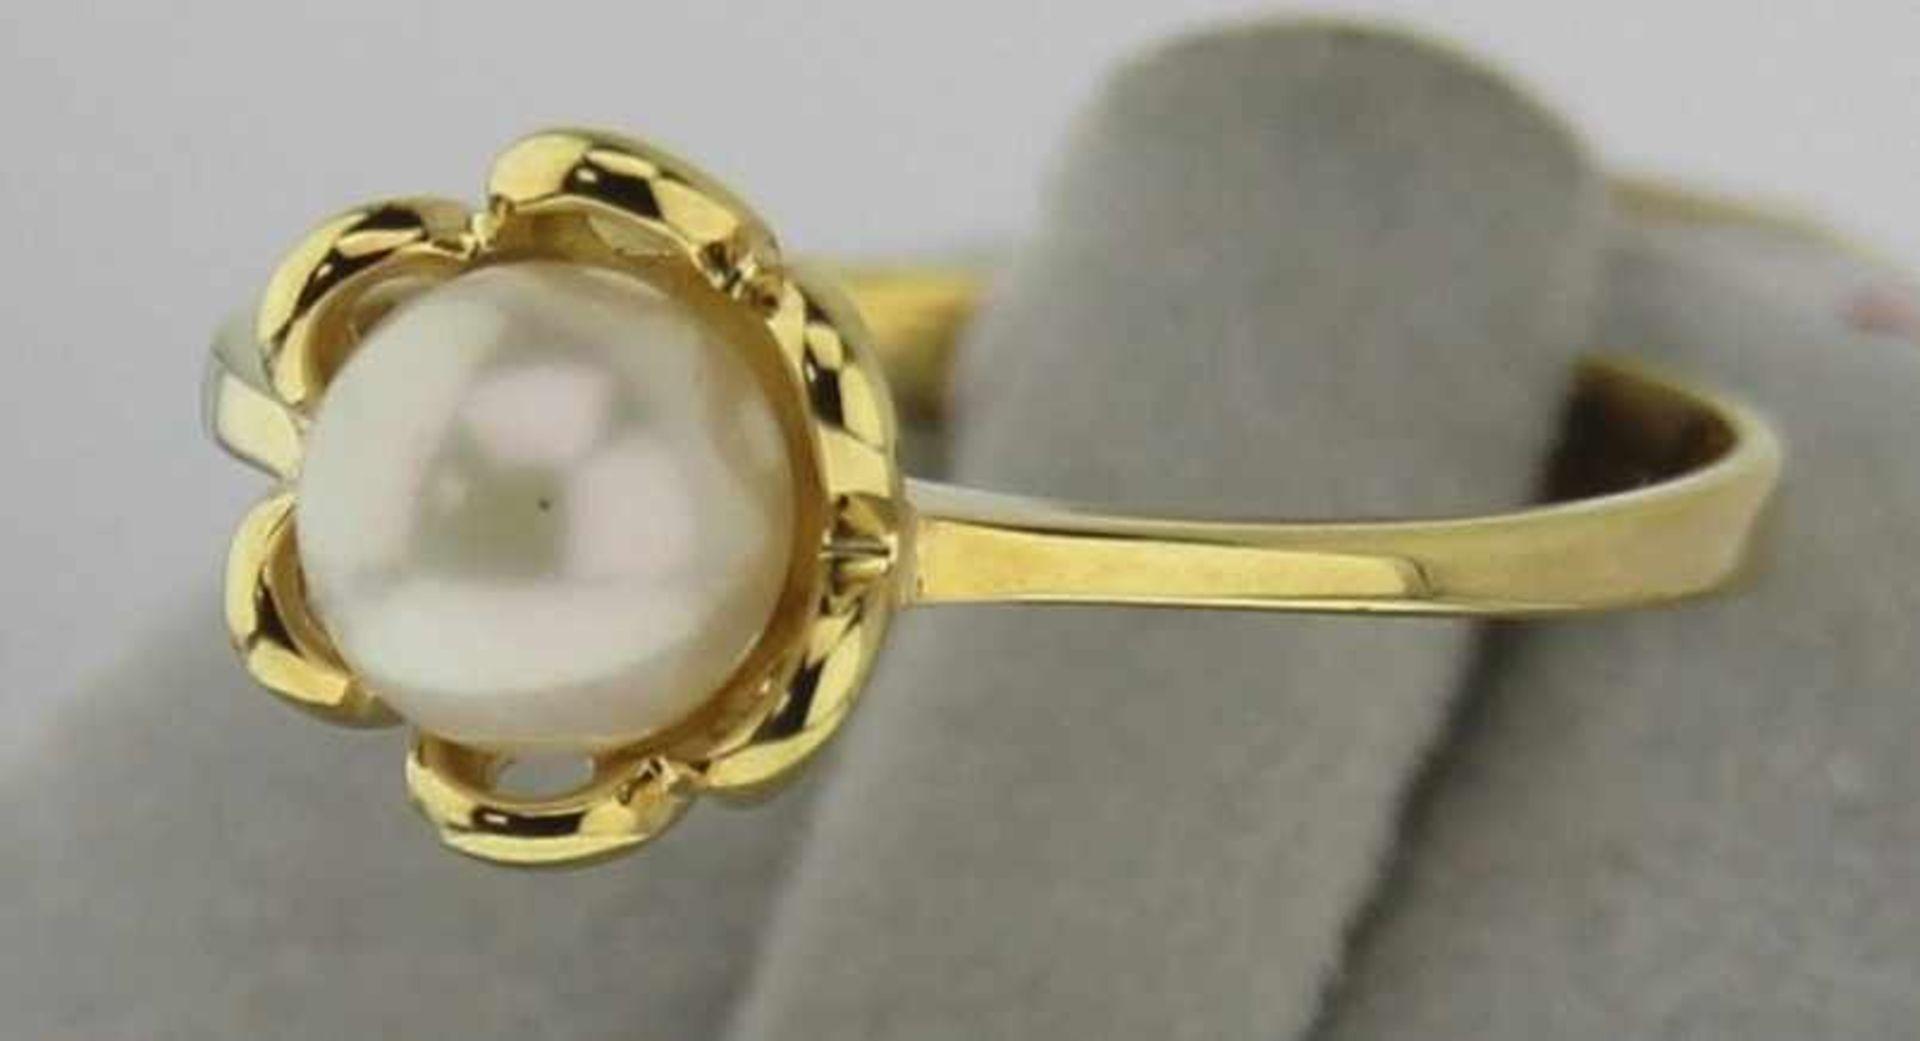 Damenring mit Zuchtperle in 333 Gold, NOS Gr. 55, Gesamtgewicht ca. 1,9 Gramm, Zuchtperle